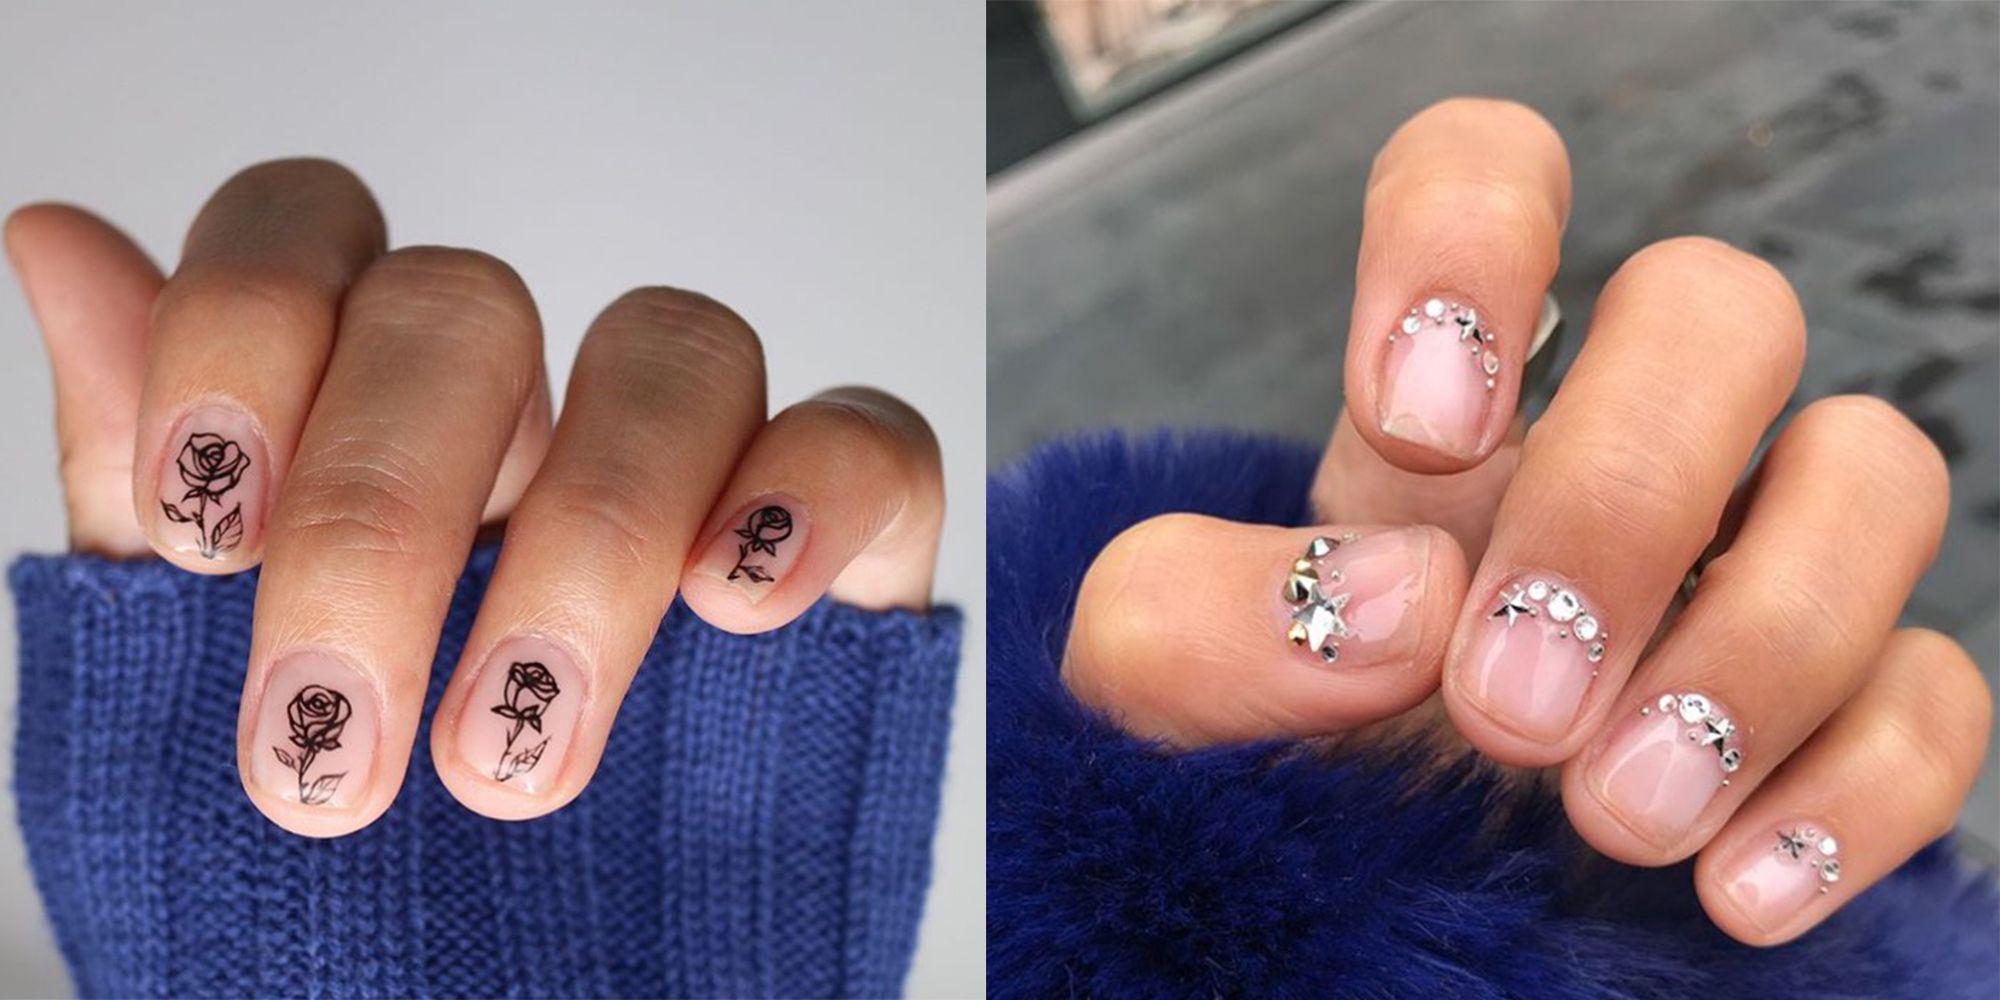 16 Stunning Minimalist Nail Art Ideas To Try